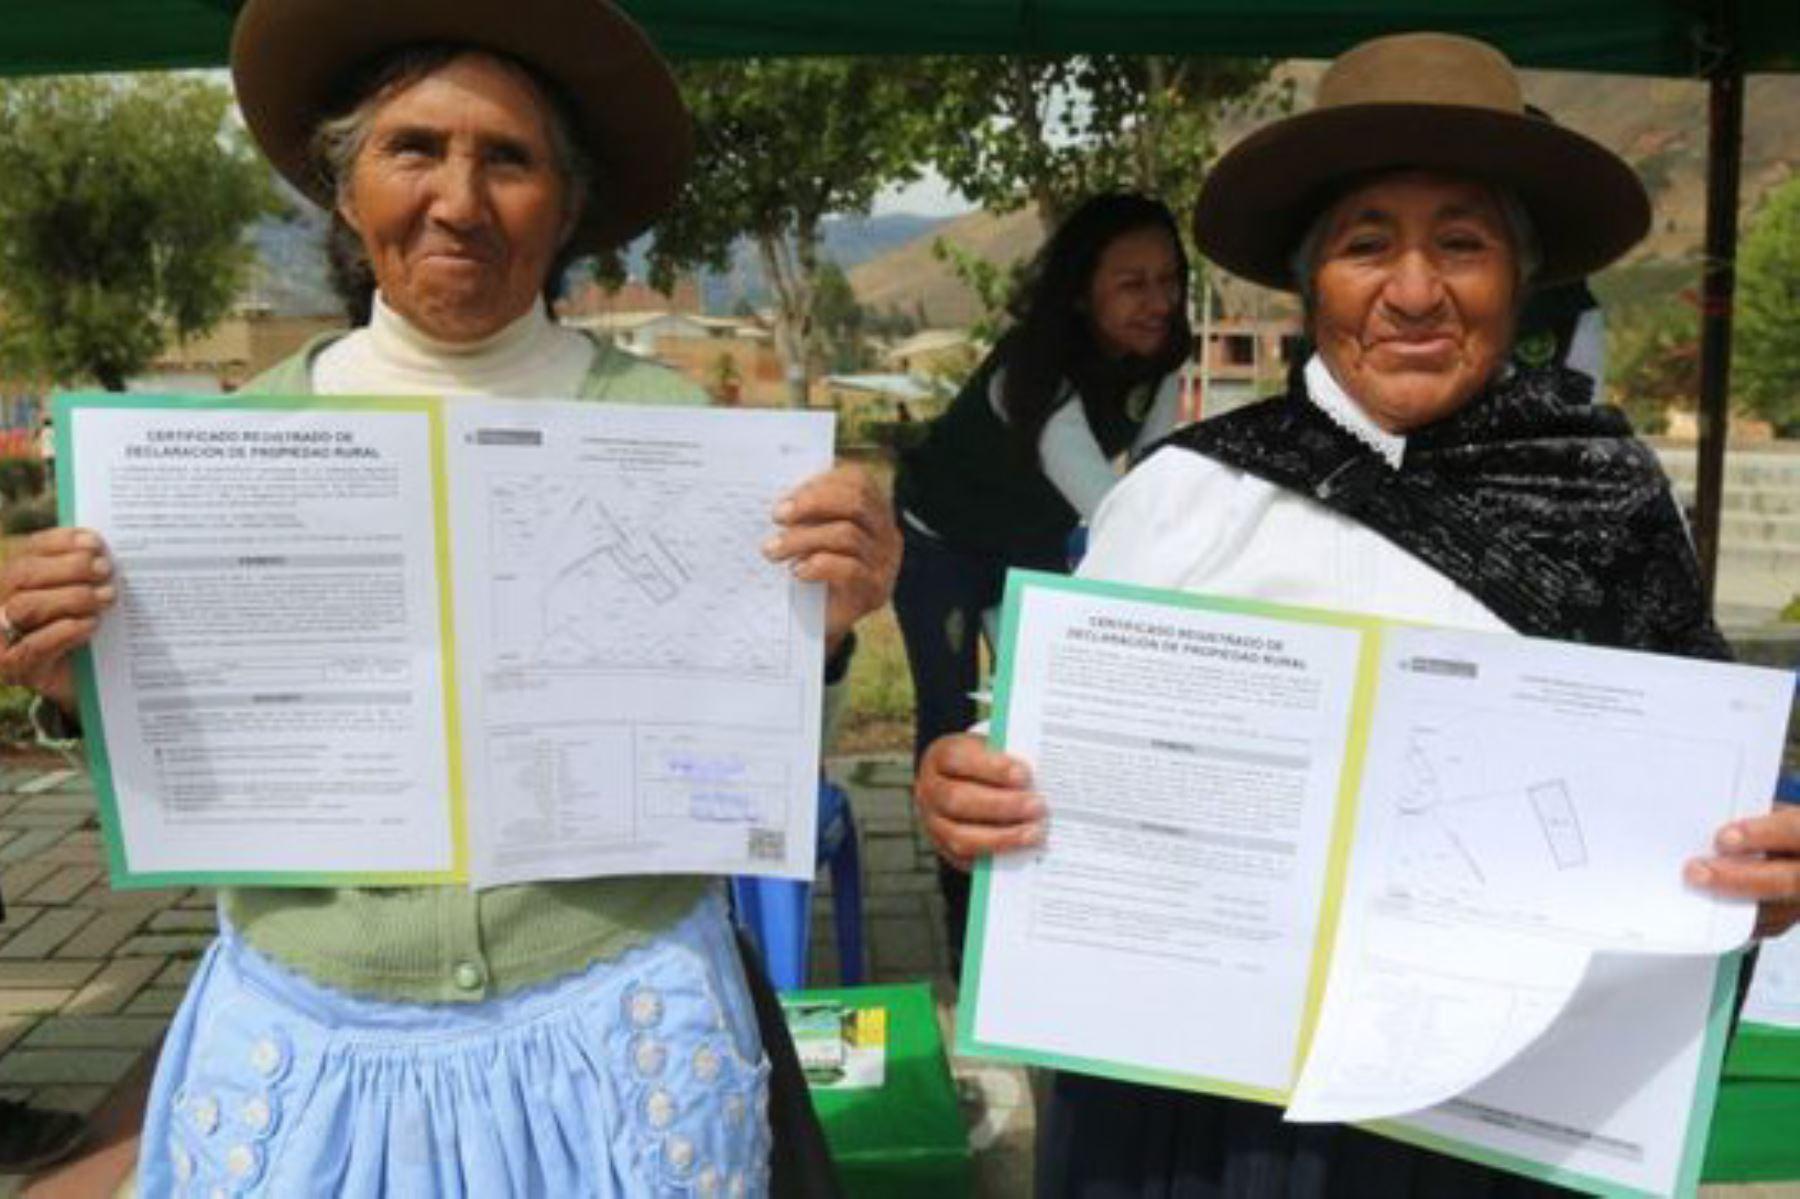 Suscripción de protocolo simplificará el proceso de titulación agraria en las regiones, destacó el Midagri. Foto: ANDINA/difusión.